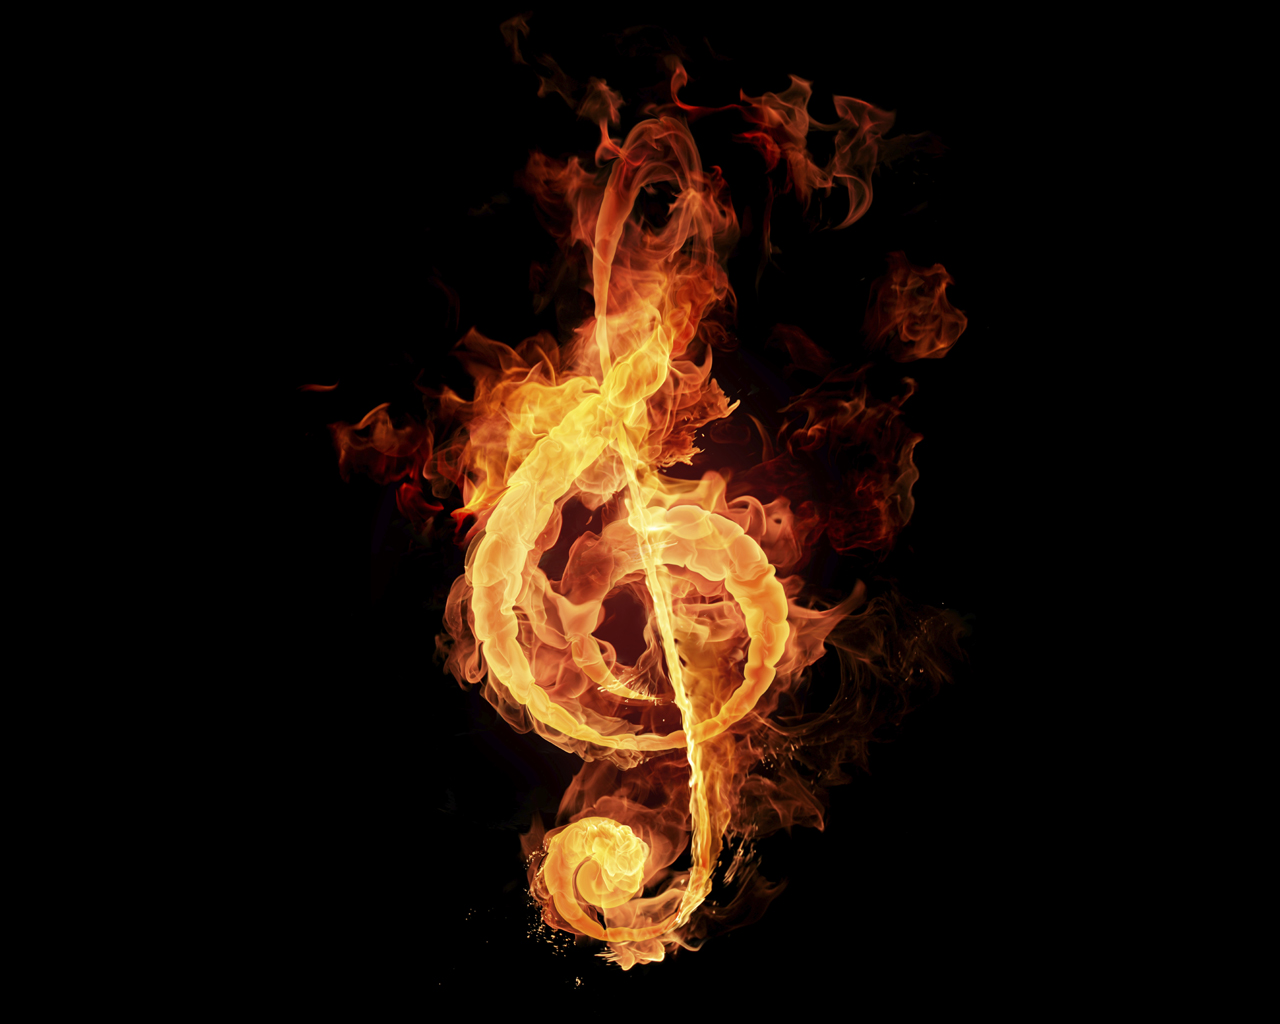 http://4.bp.blogspot.com/-8bJH9vzKqFg/UOJNhqMsNmI/AAAAAAAAAVQ/Mw4K0HFwO68/s1600/Fire-HD-Wallpapers-9.jpg